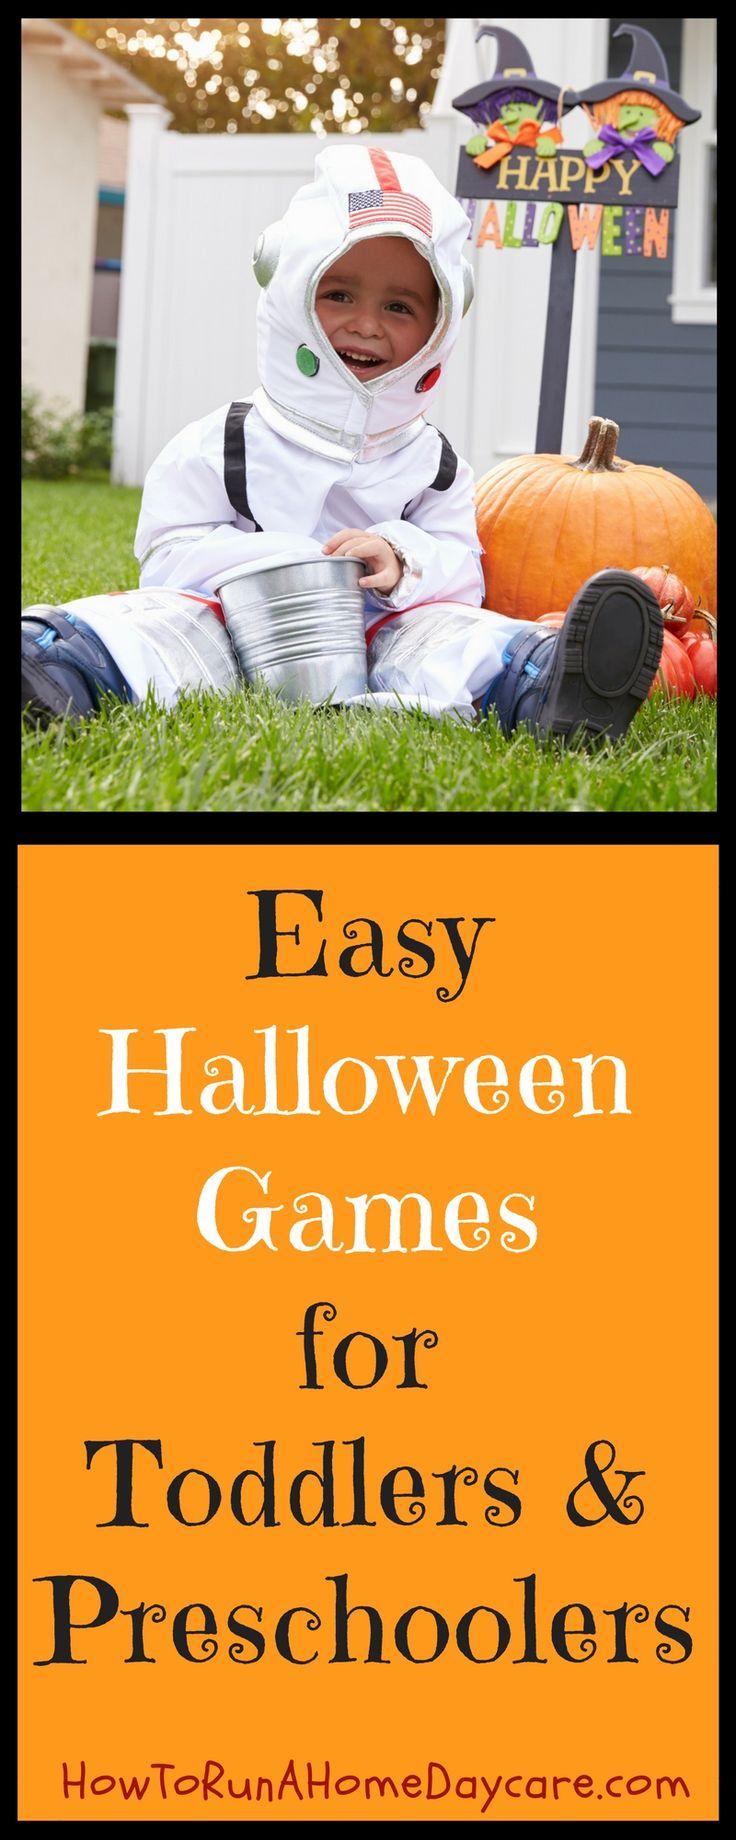 287 best Halloween preschool images on Pinterest | Halloween ...